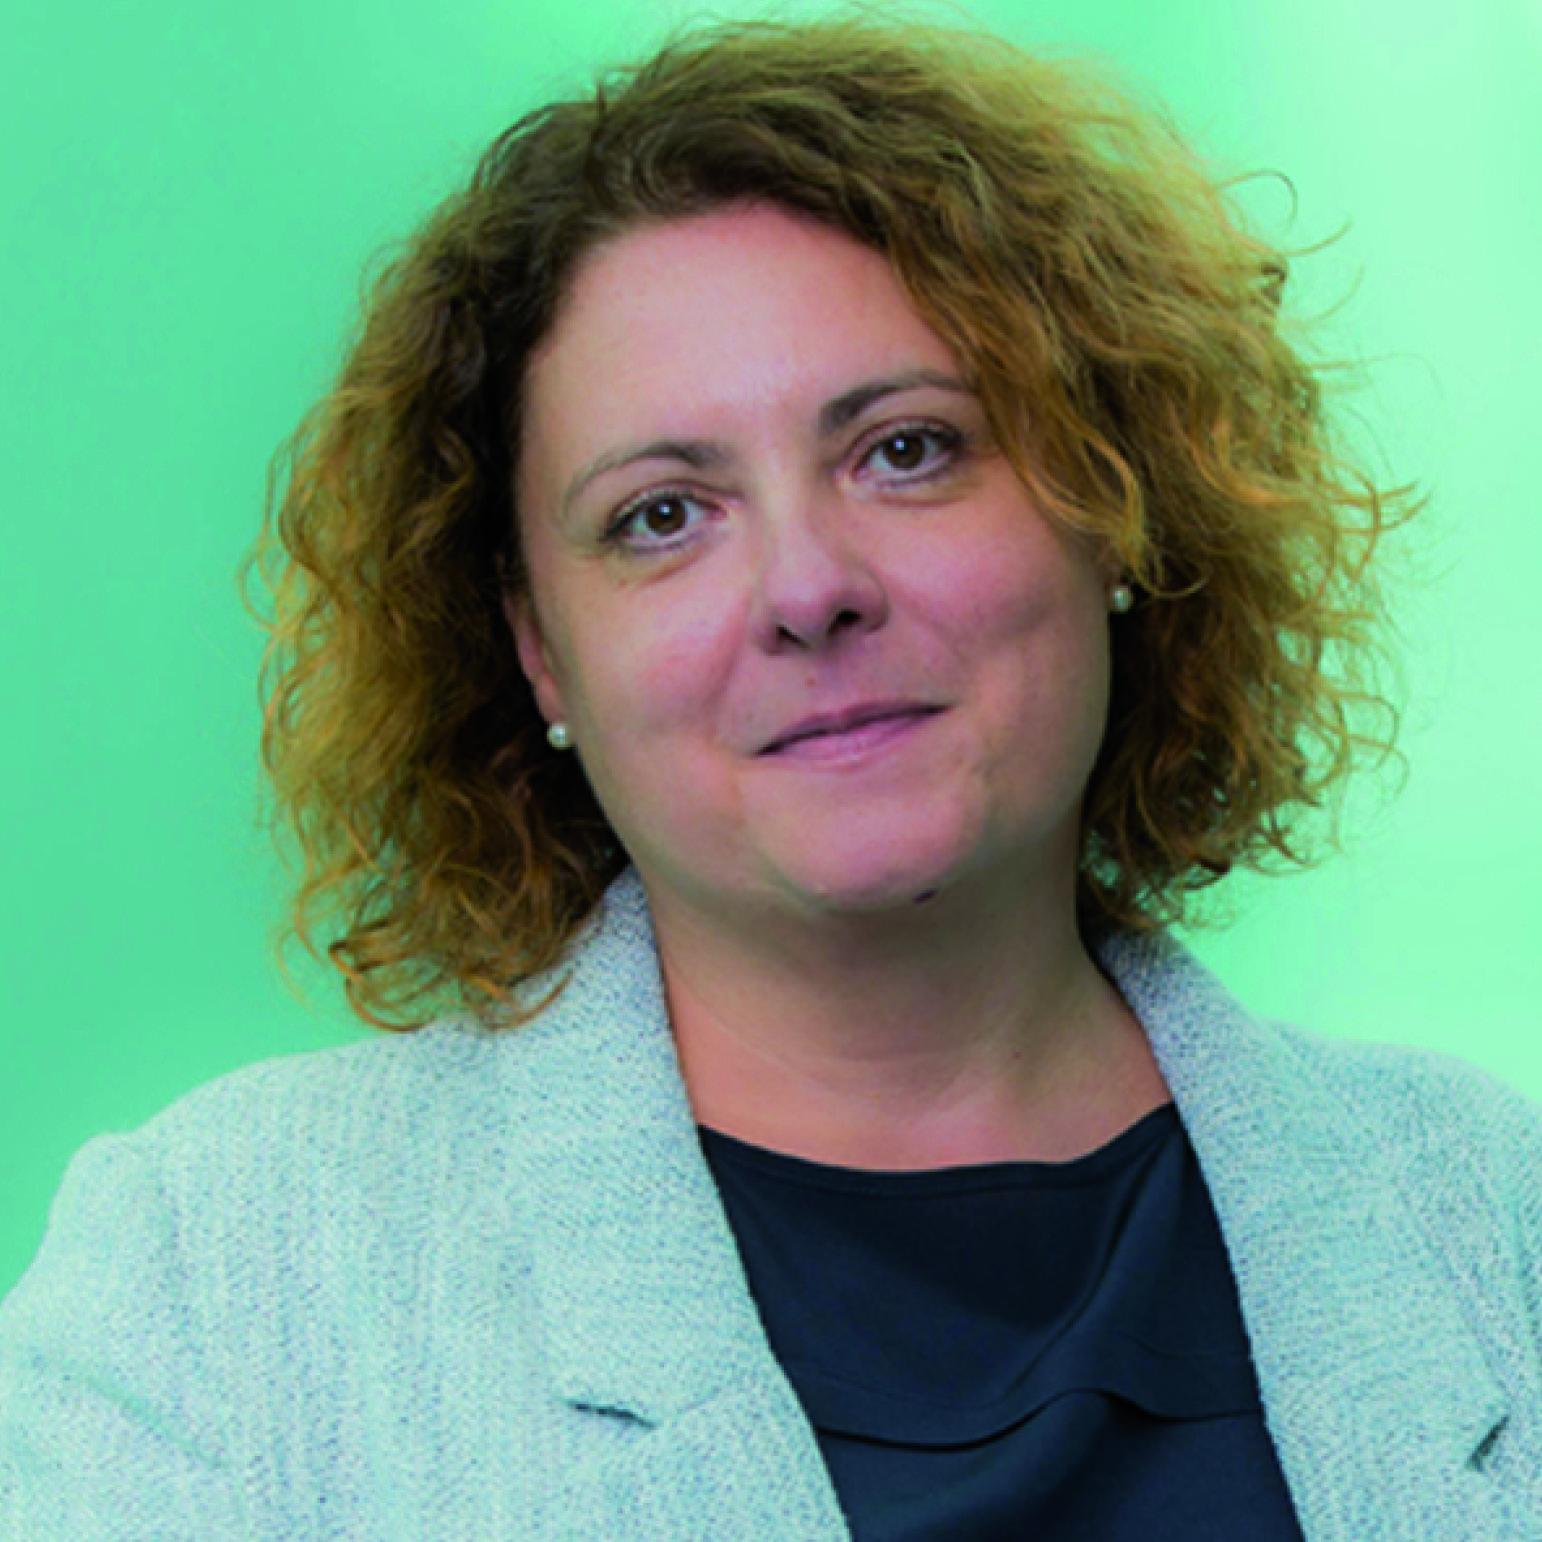 Susanne Dittrich-Allerstorfer